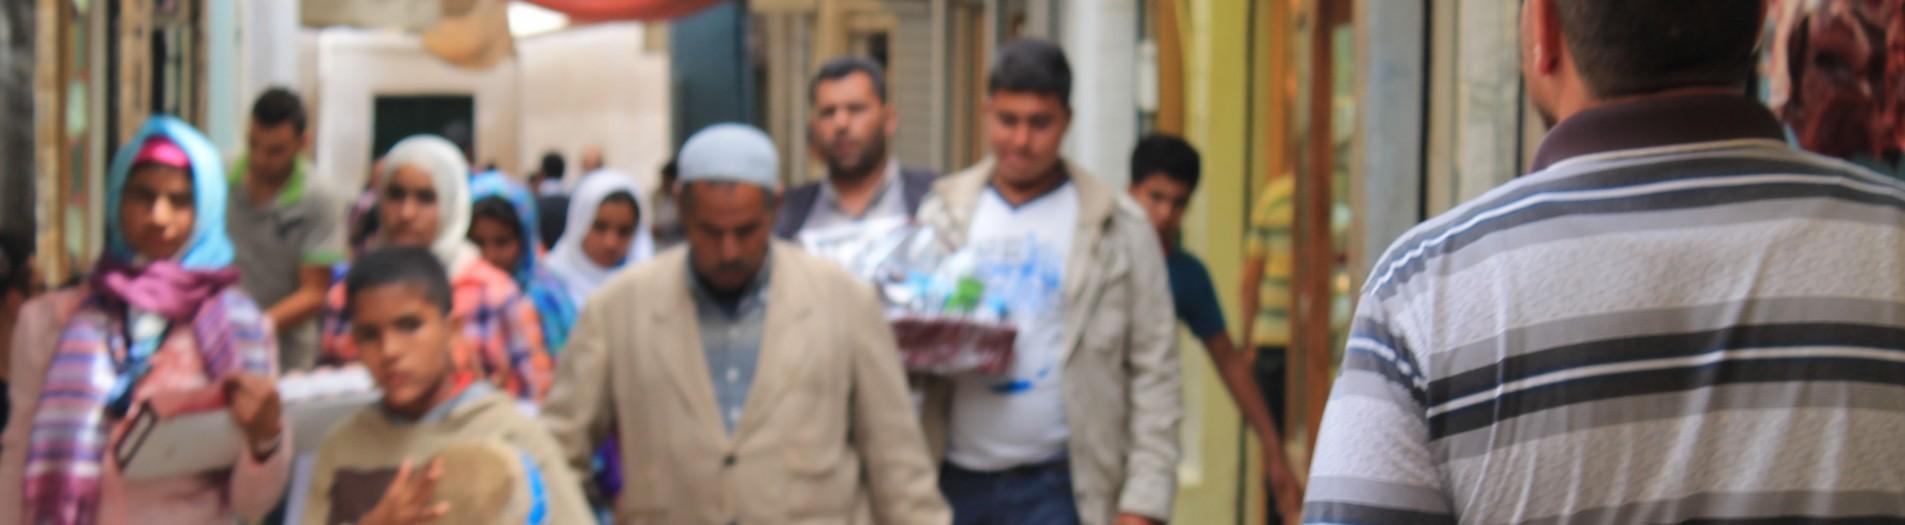 10 raisons pour visiter Sfax